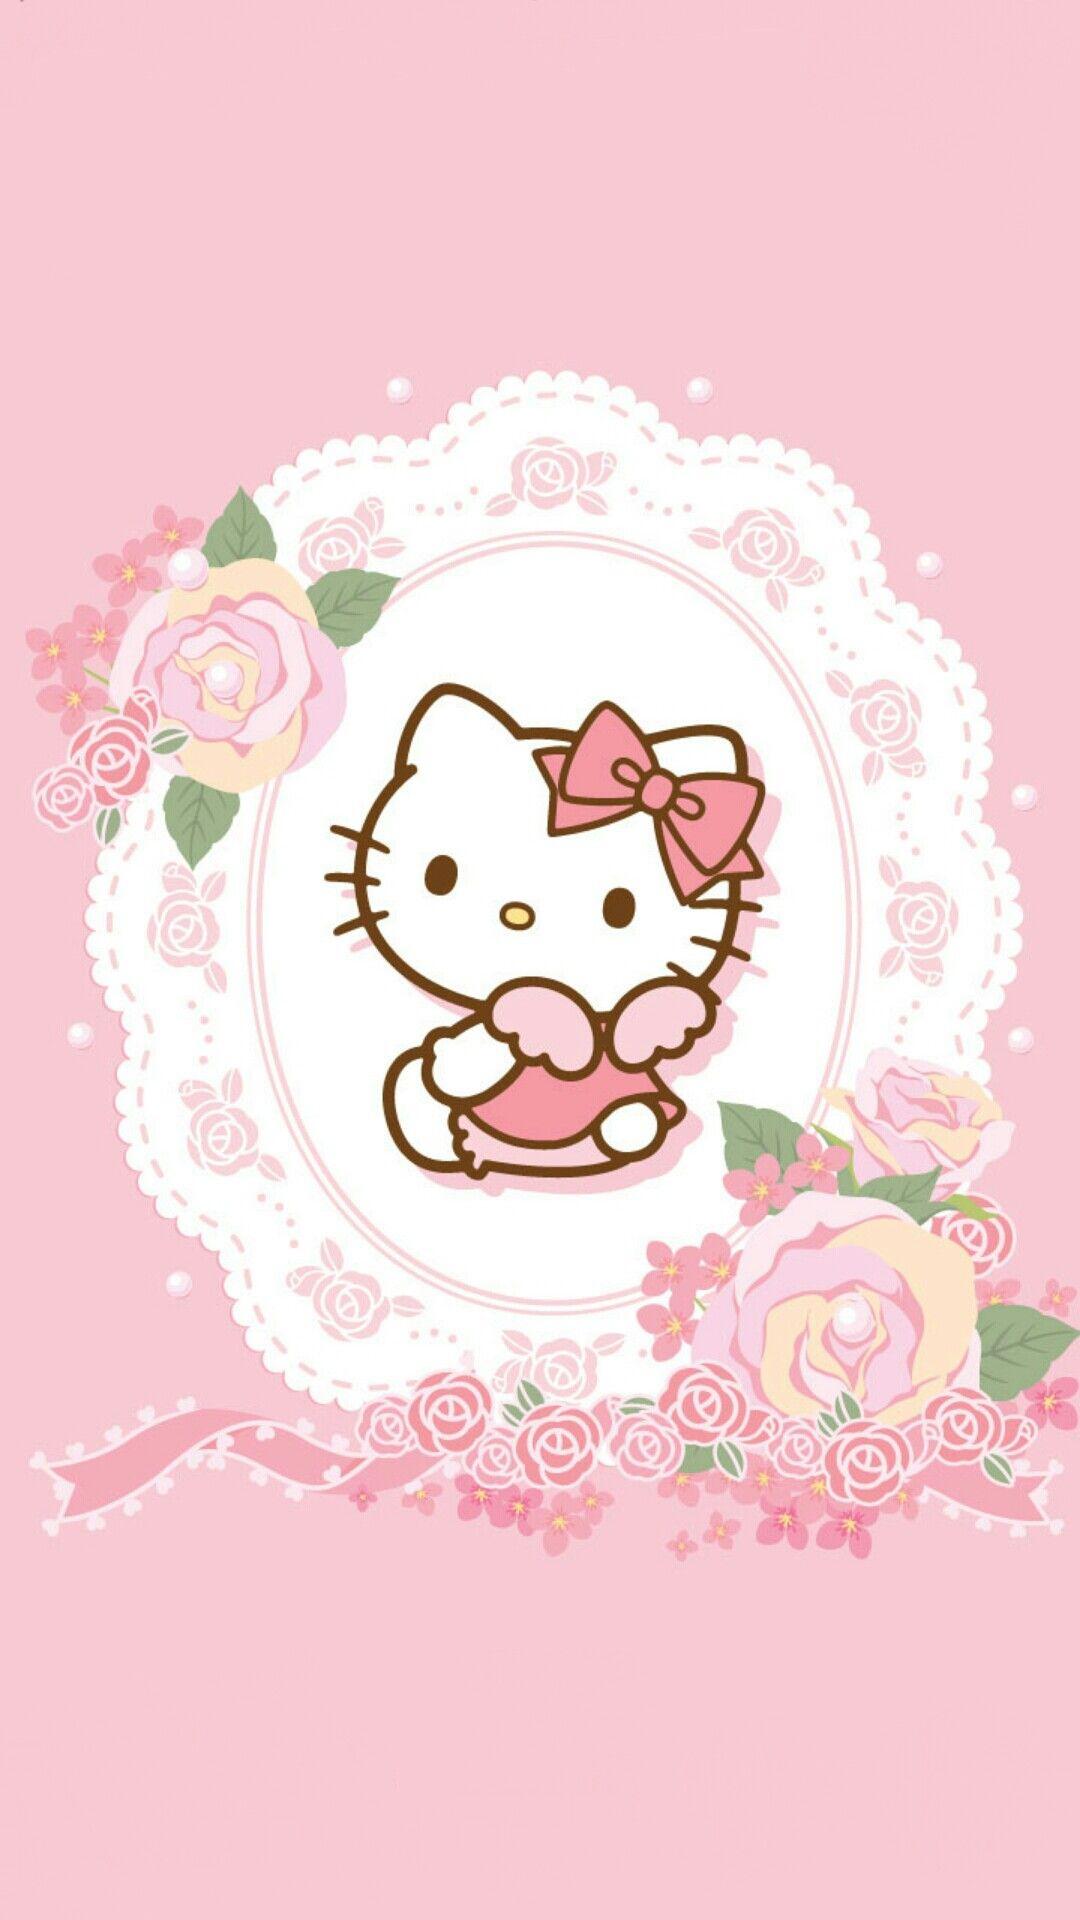 Fantastic Wallpaper Hello Kitty Home Screen - edf444e96dfe730d13560cb530fd015e  Image_983362.jpg